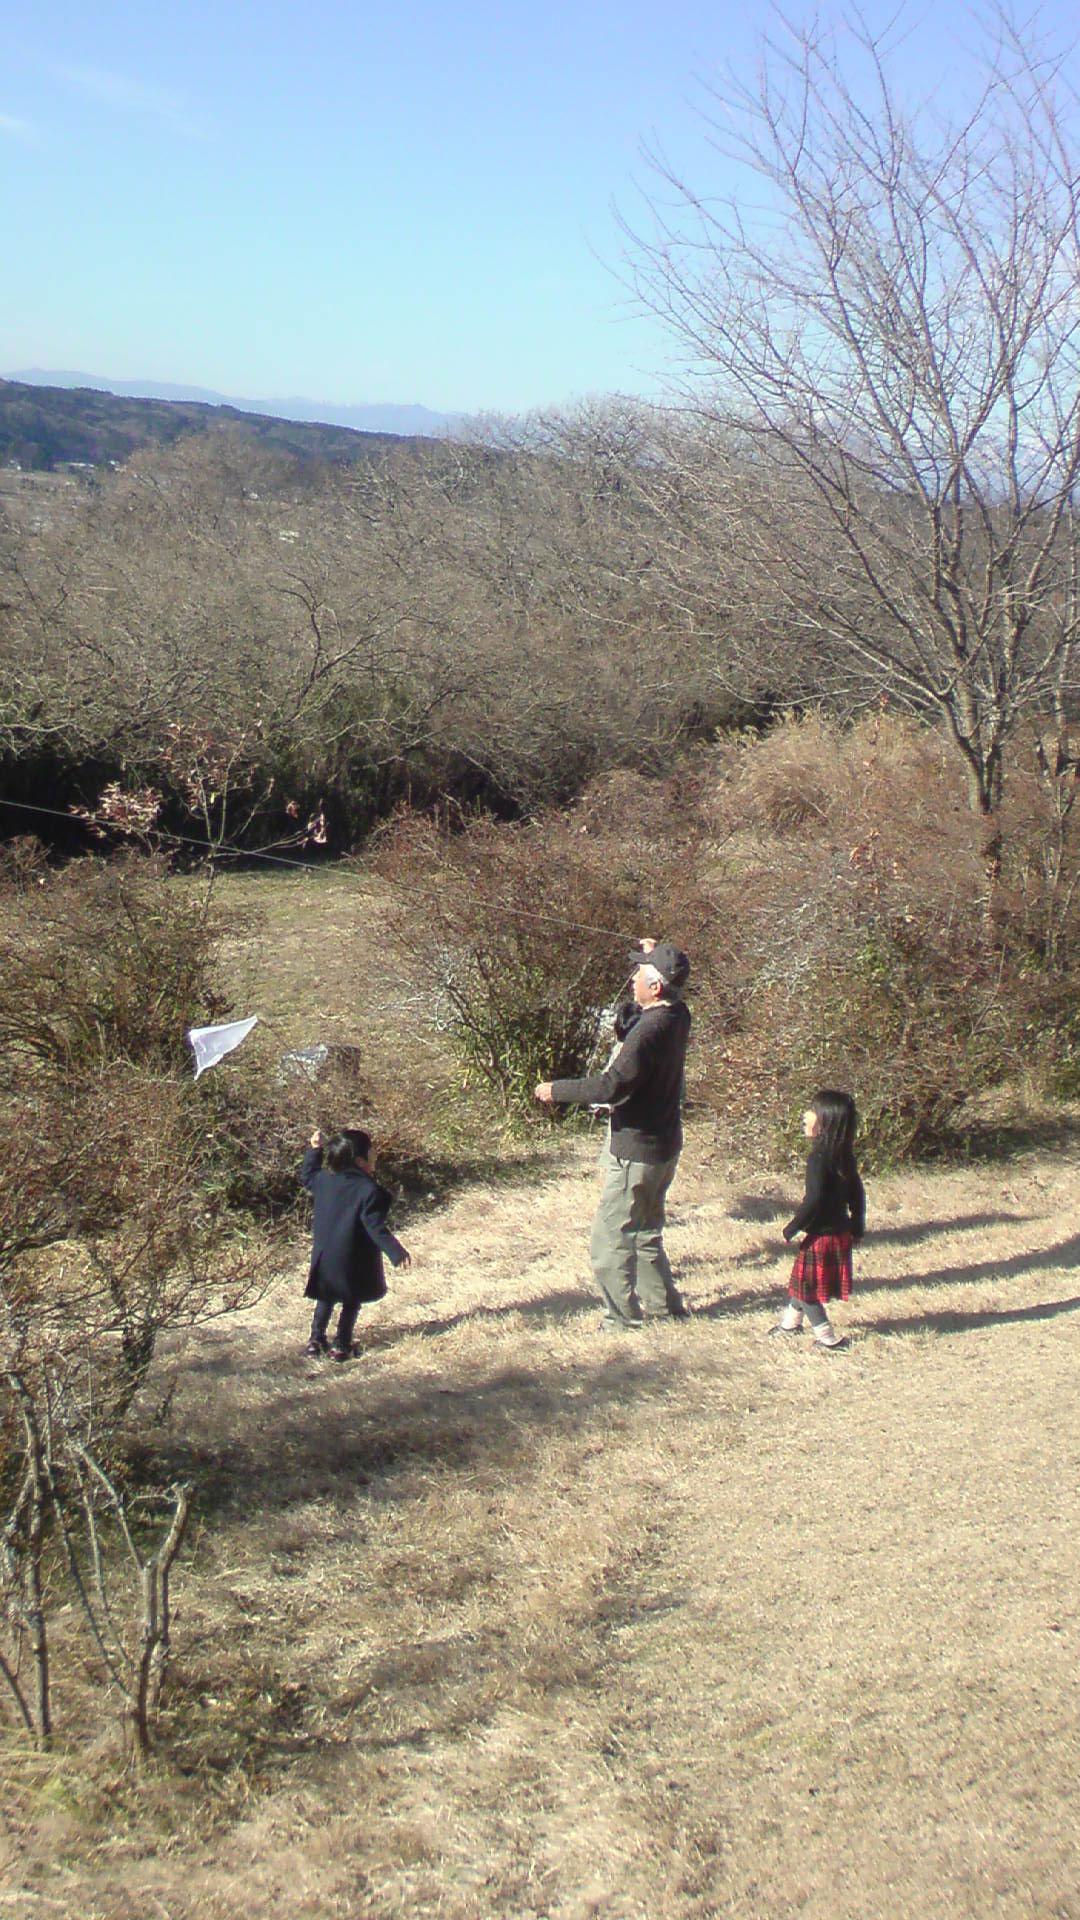 おいしいものと子供の笑顔_b0158721_1094160.jpg